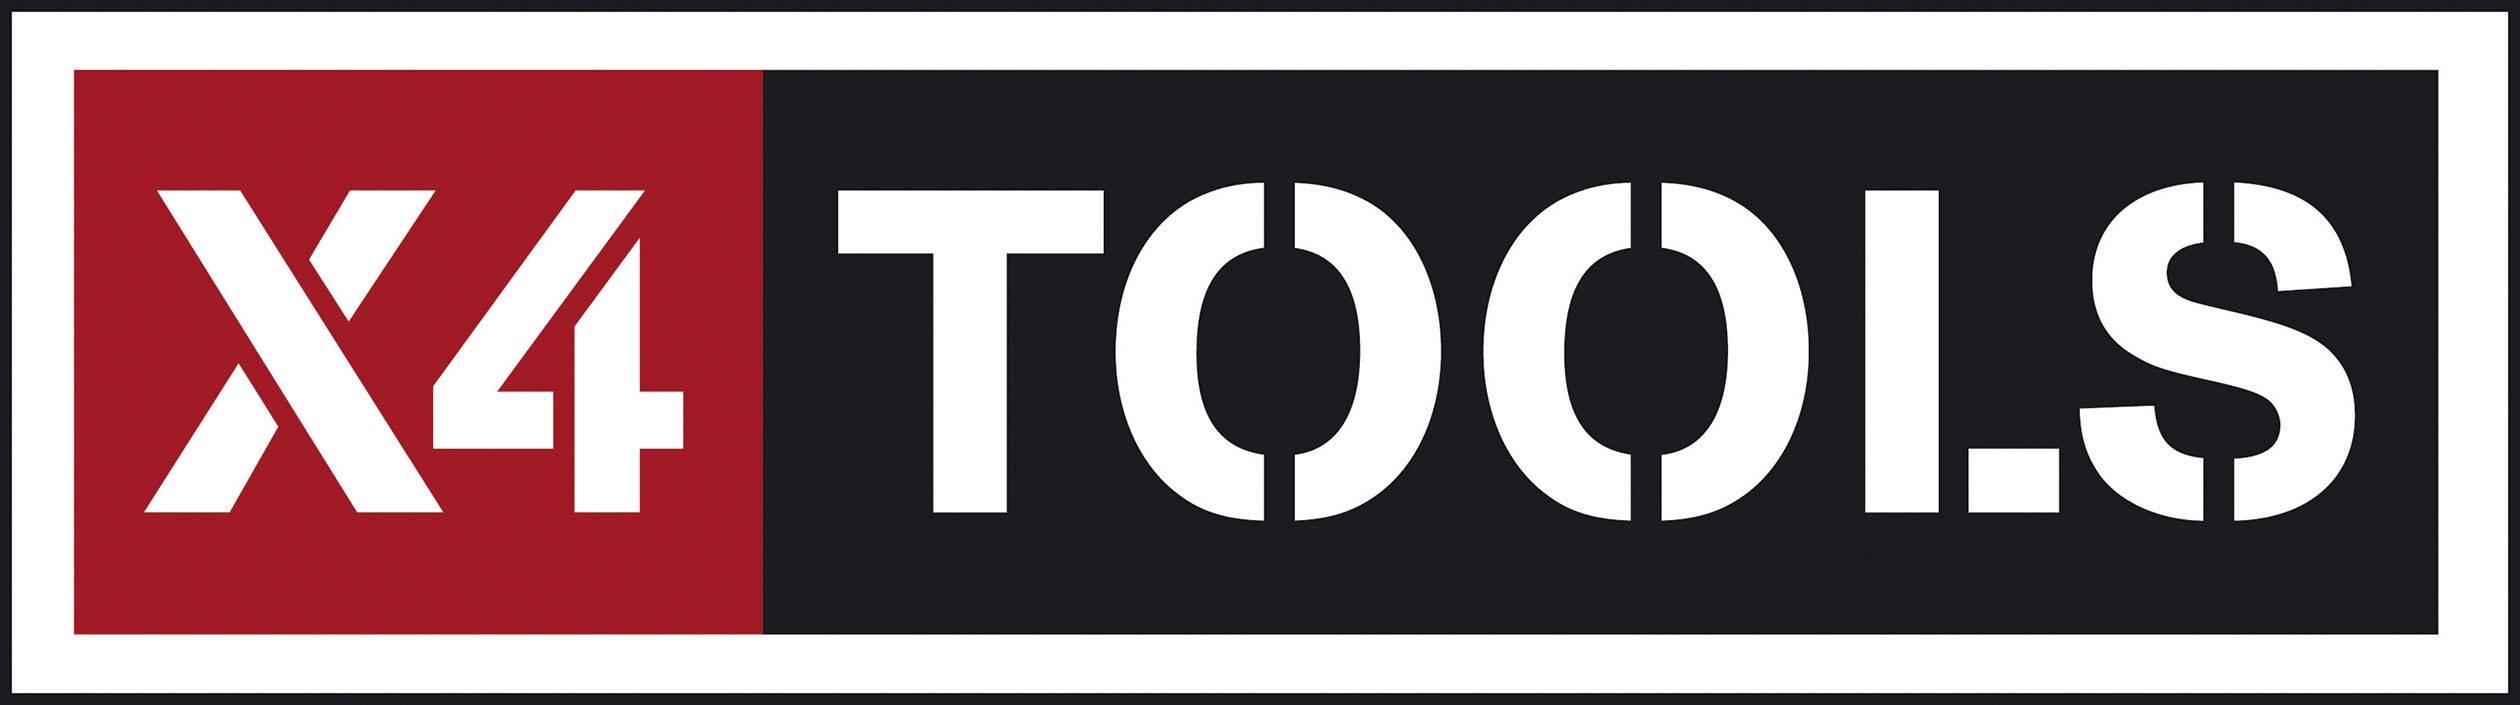 X4 Tools